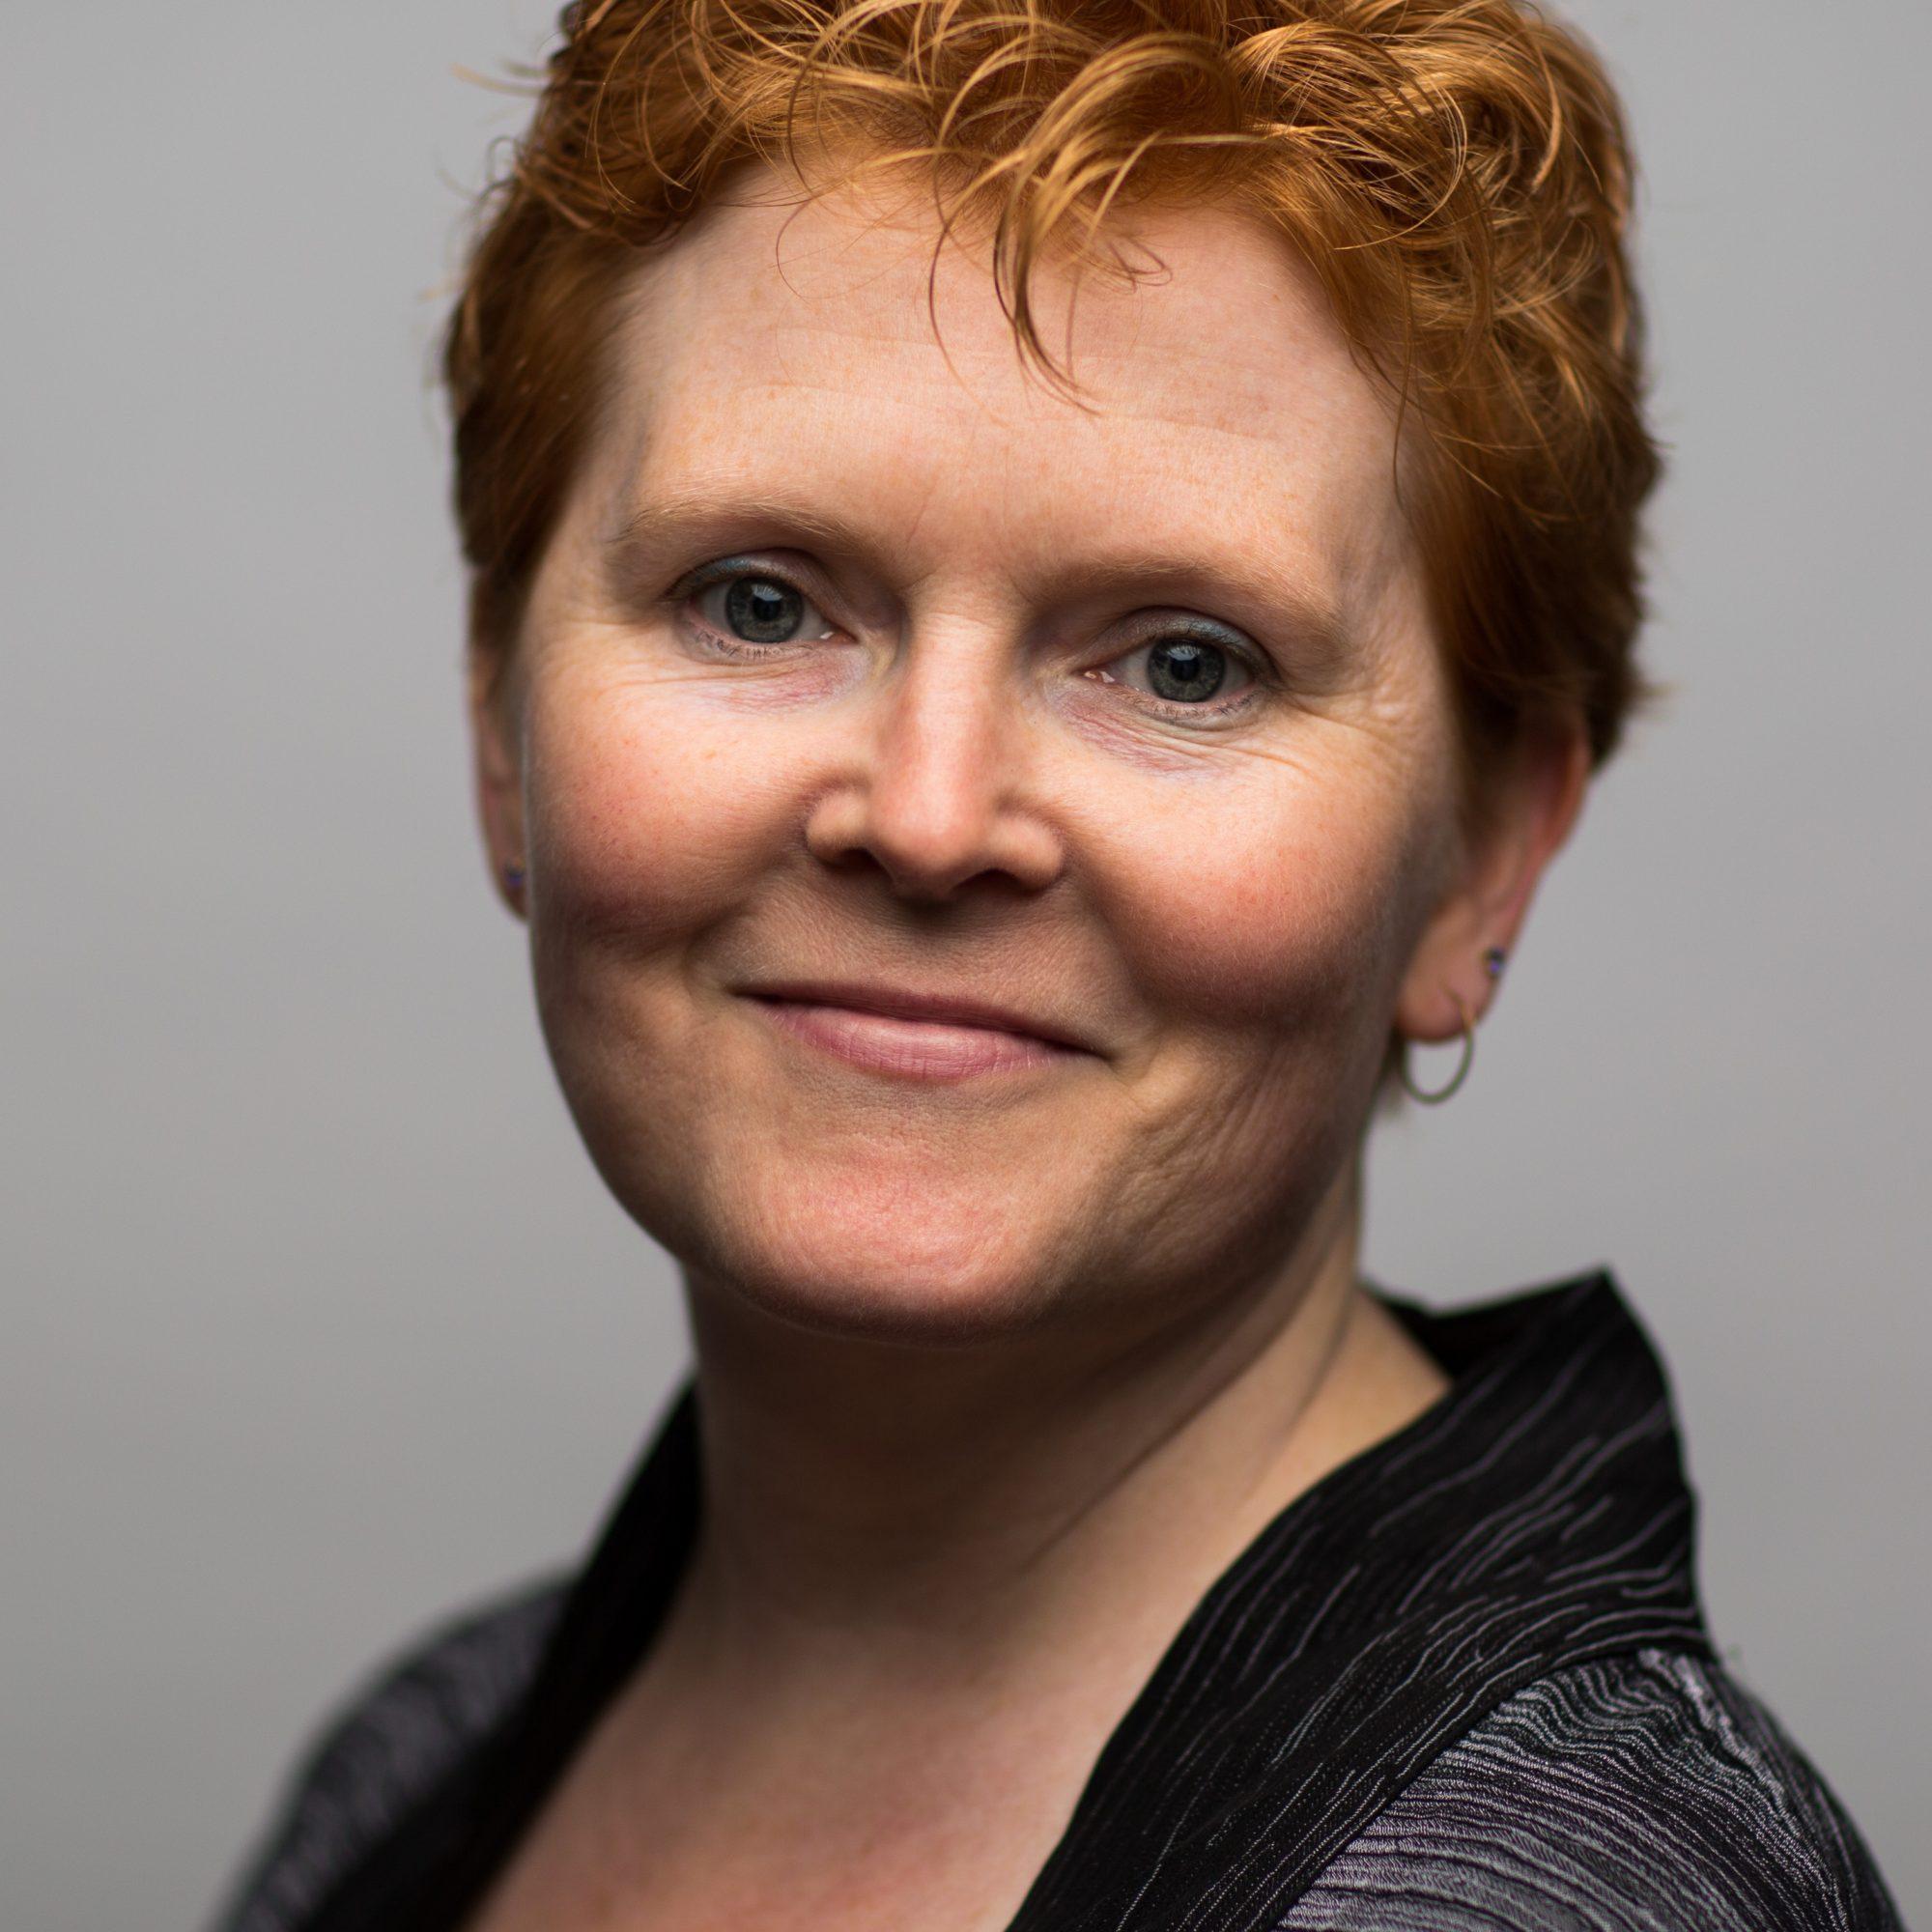 Laura Davis headshot